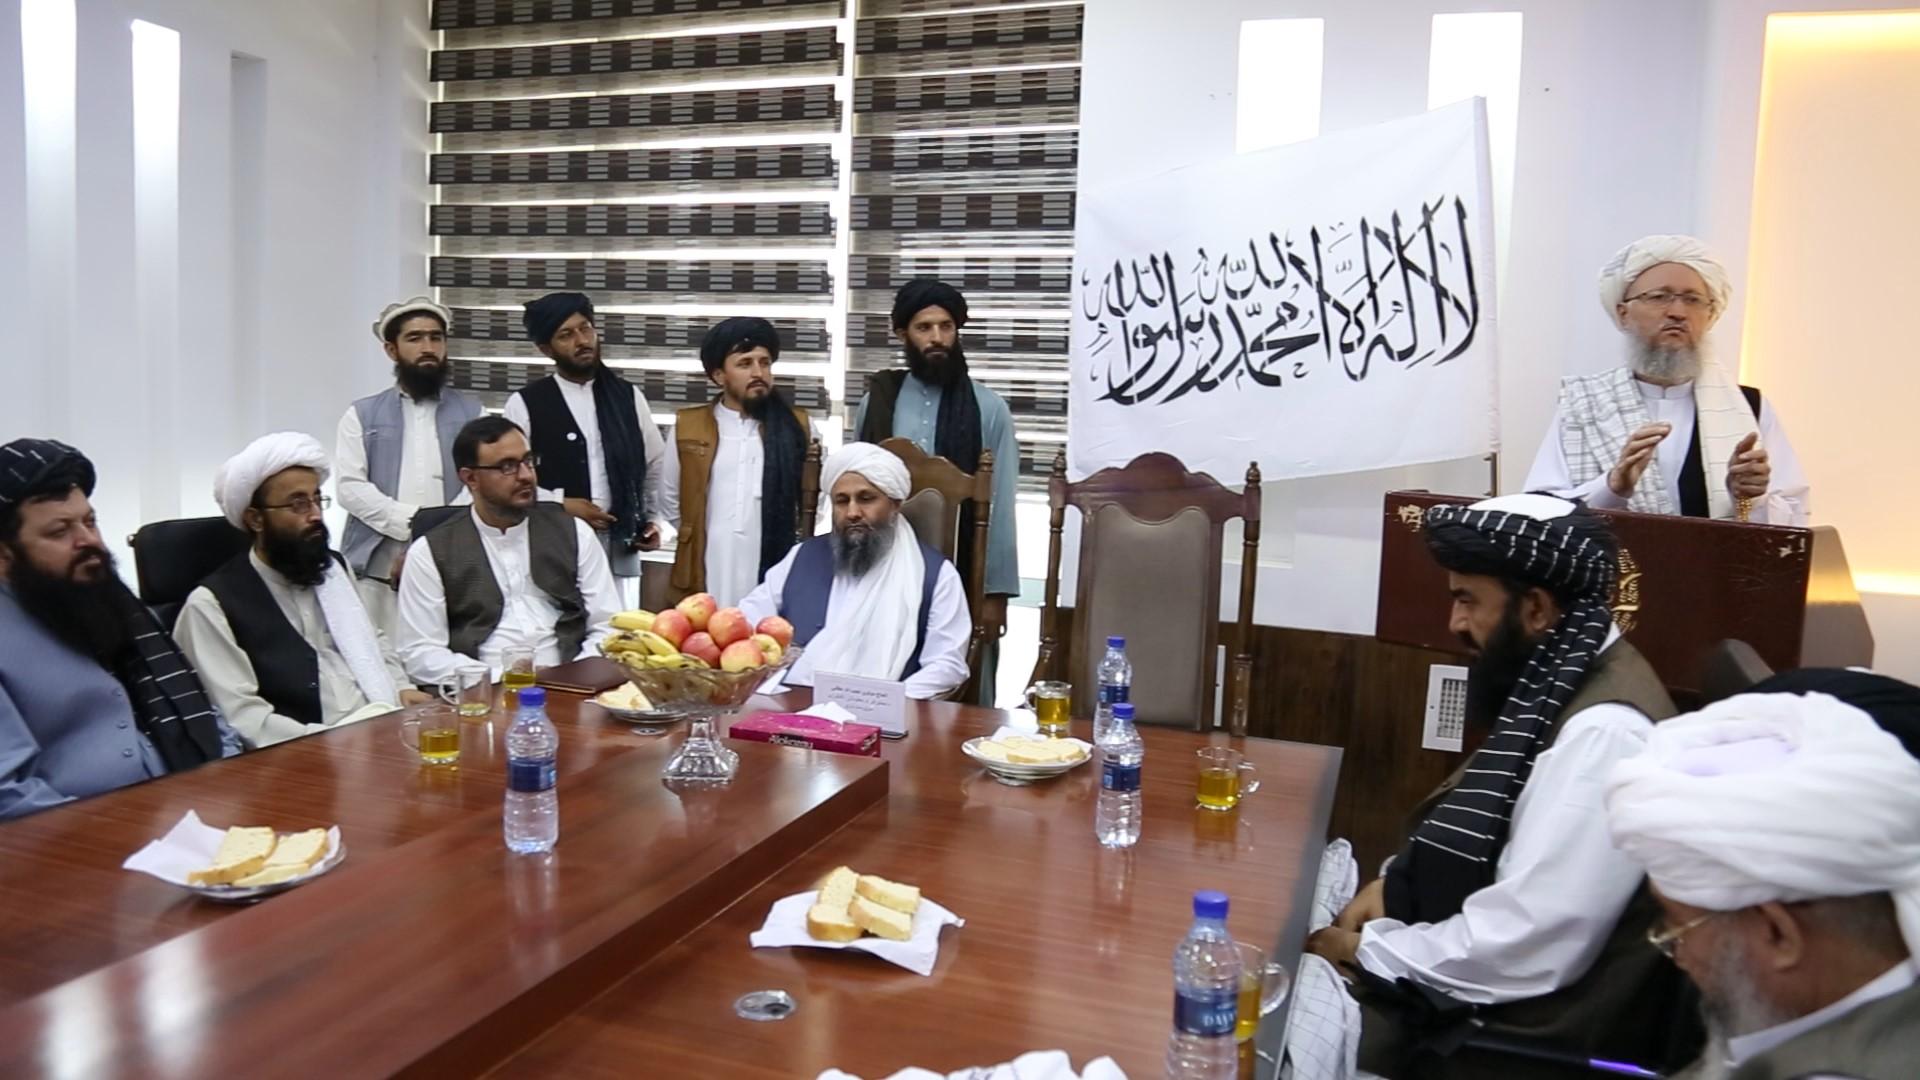 محترم مولوی عبدالسلام حنفی تصریح کرد که افغانستان به همه متخصصان در بخش های مختلف از جمله در بخش مخابرات و تکنالوژی معلوماتی نیاز دارد.